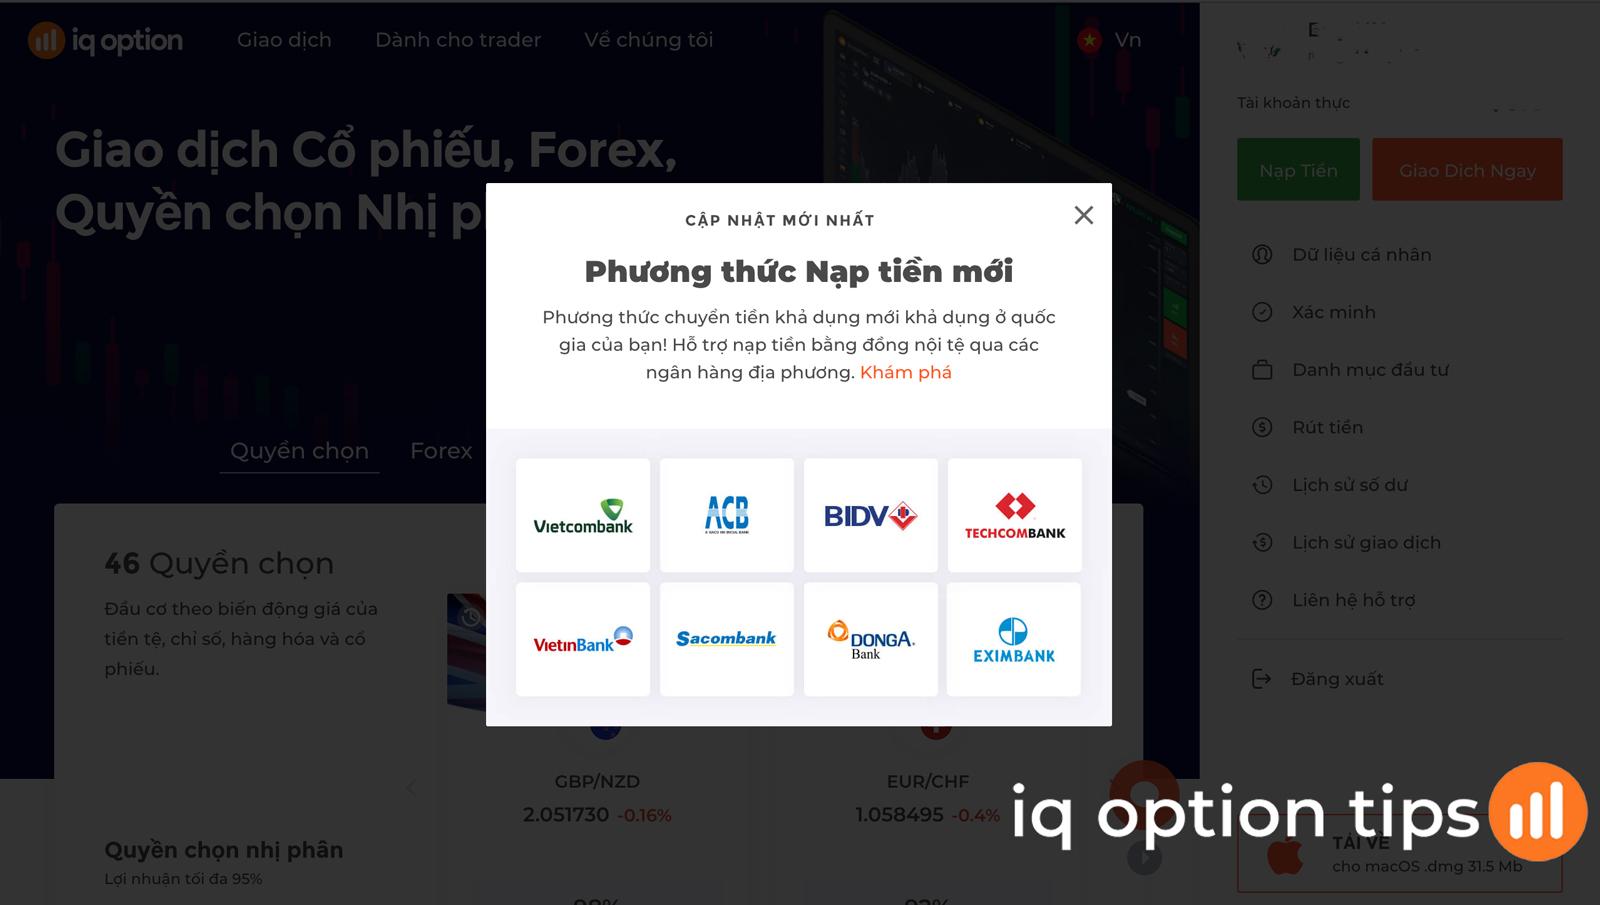 Hướng dẫn nạp tiền vào IQ Option từ tài khoản Internet Banking tại các ngân hàng Việt Nam